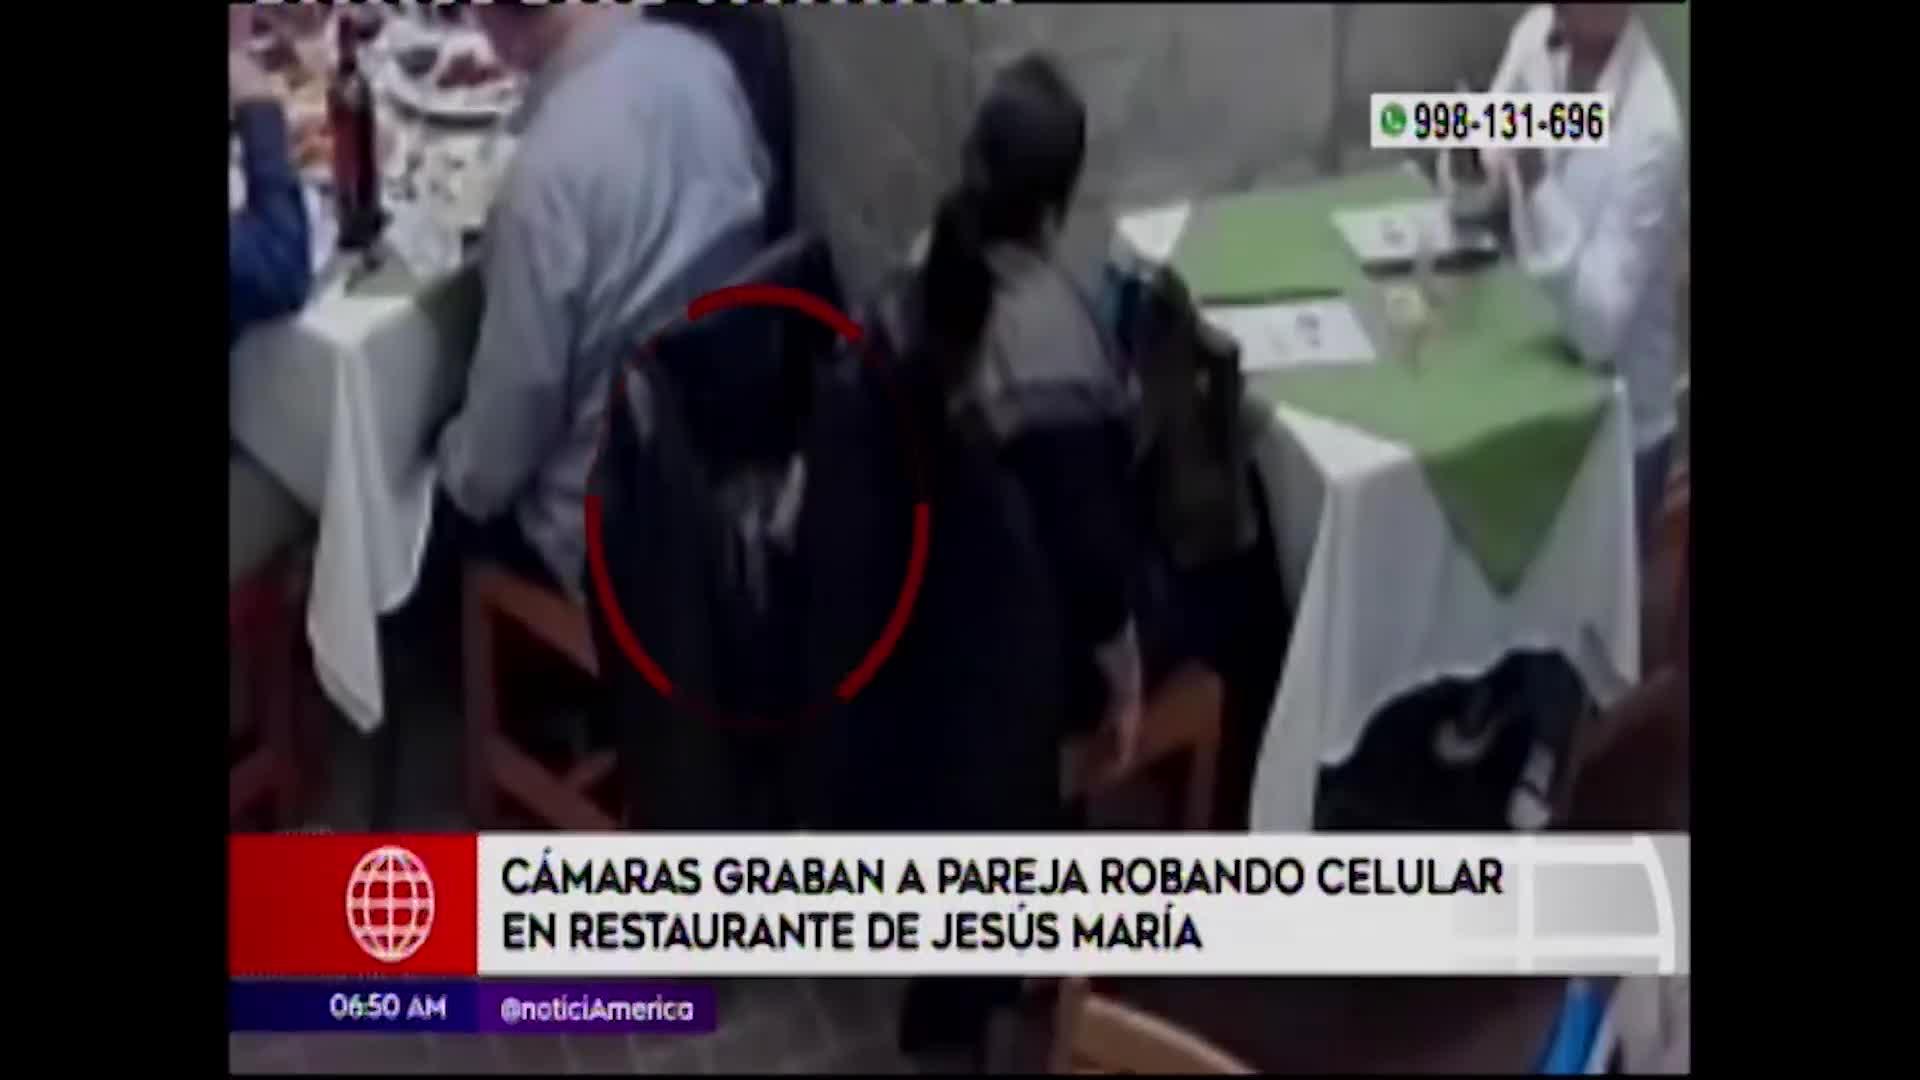 Jesús María: cámaras de seguridad captan a pareja robando celulares en restaurante